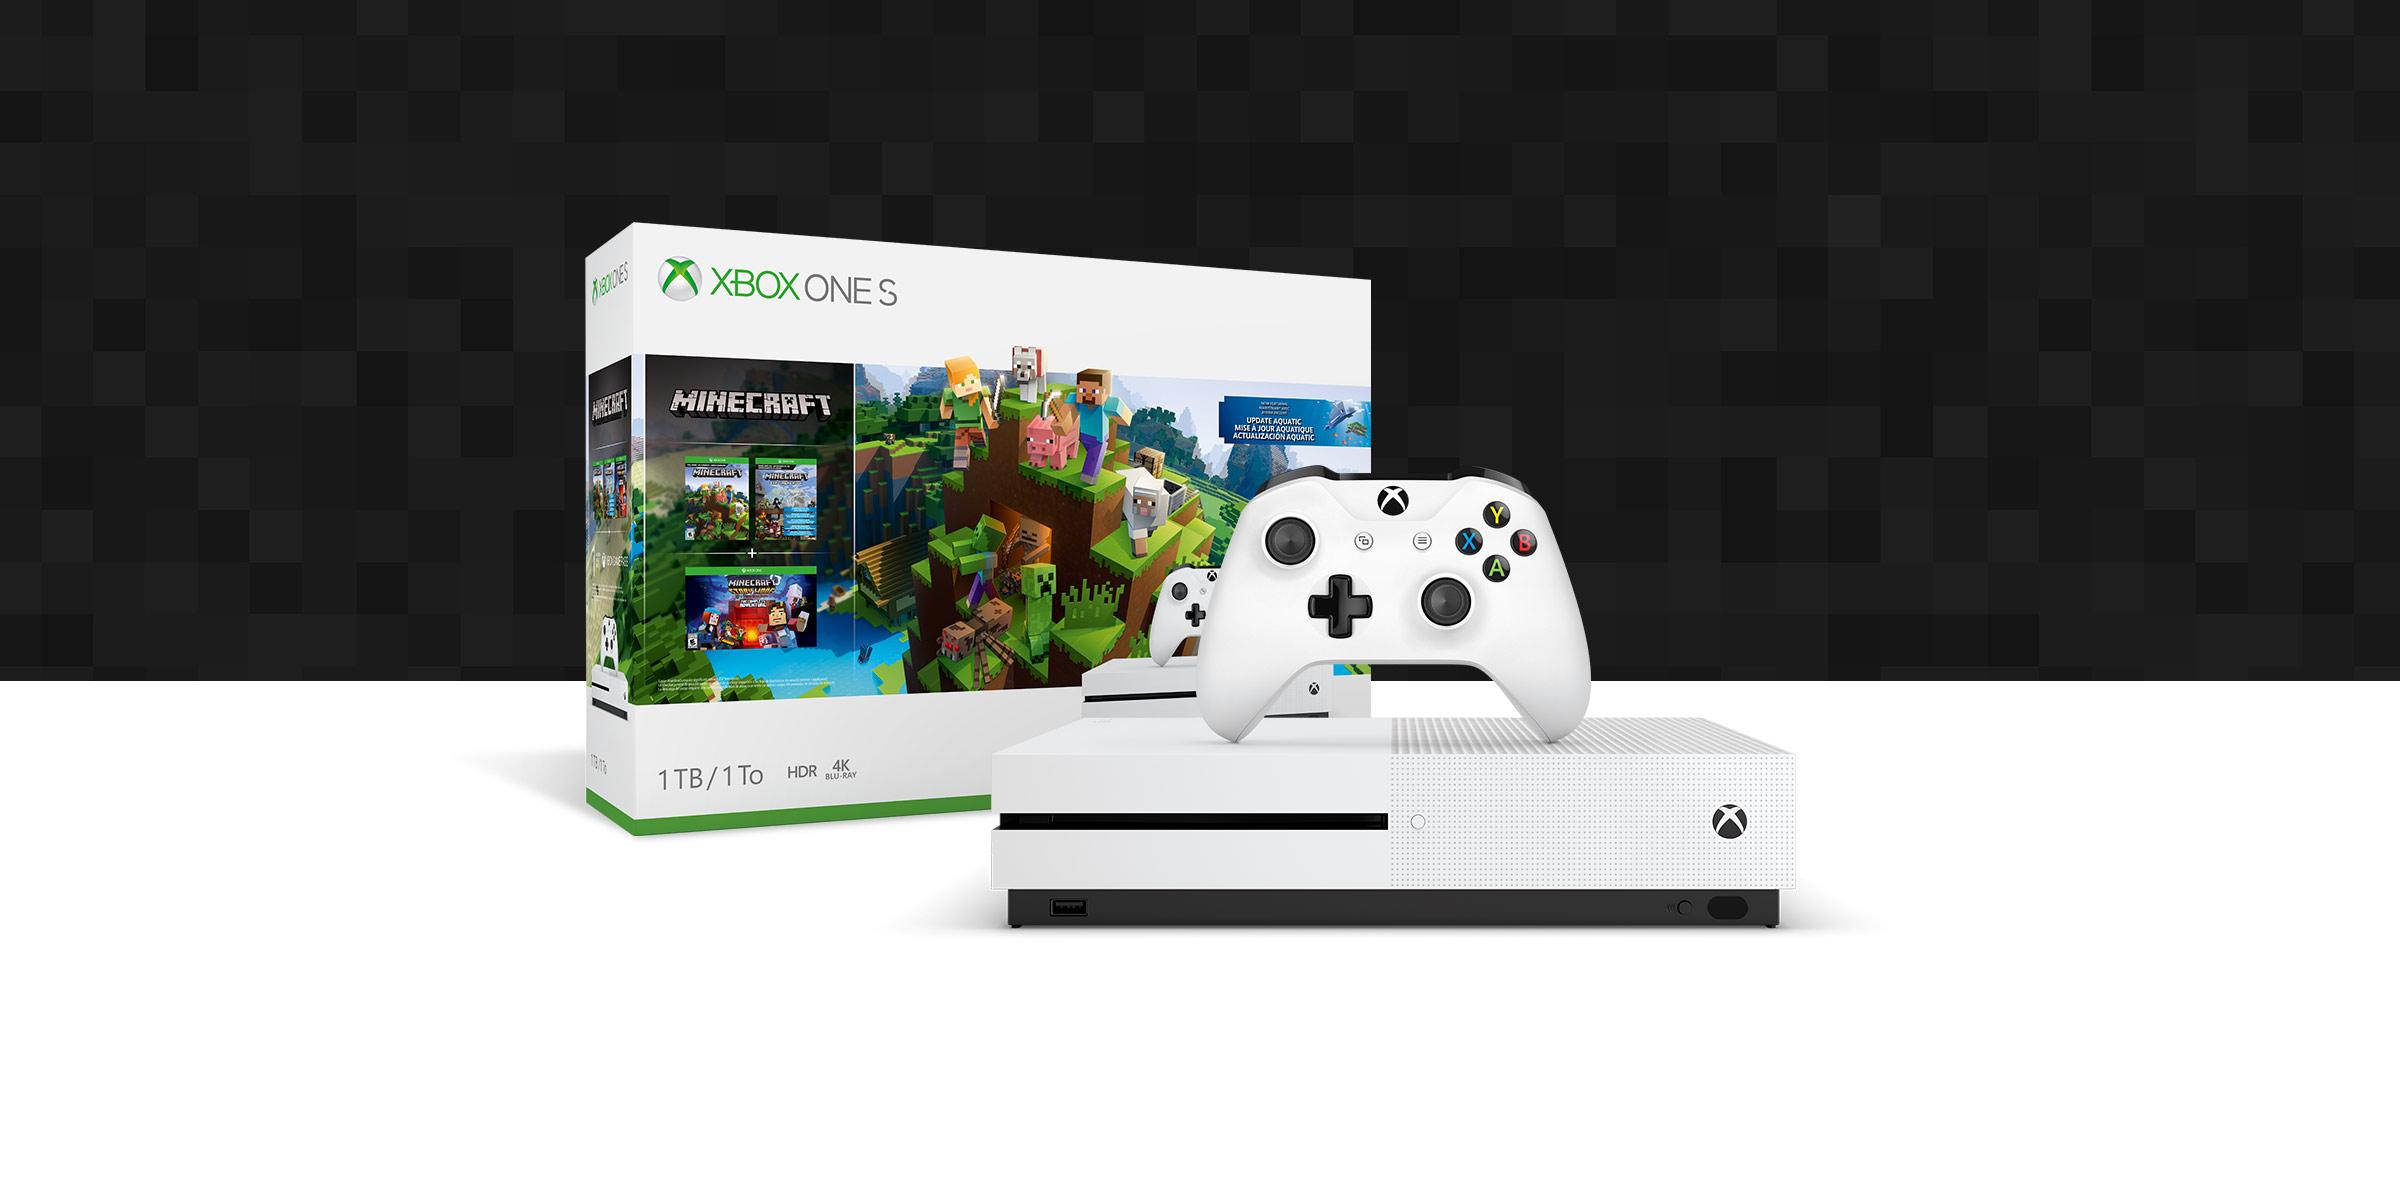 Consola Xbox One S delante de una caja del pack de hardware con una imagen de Minecraft